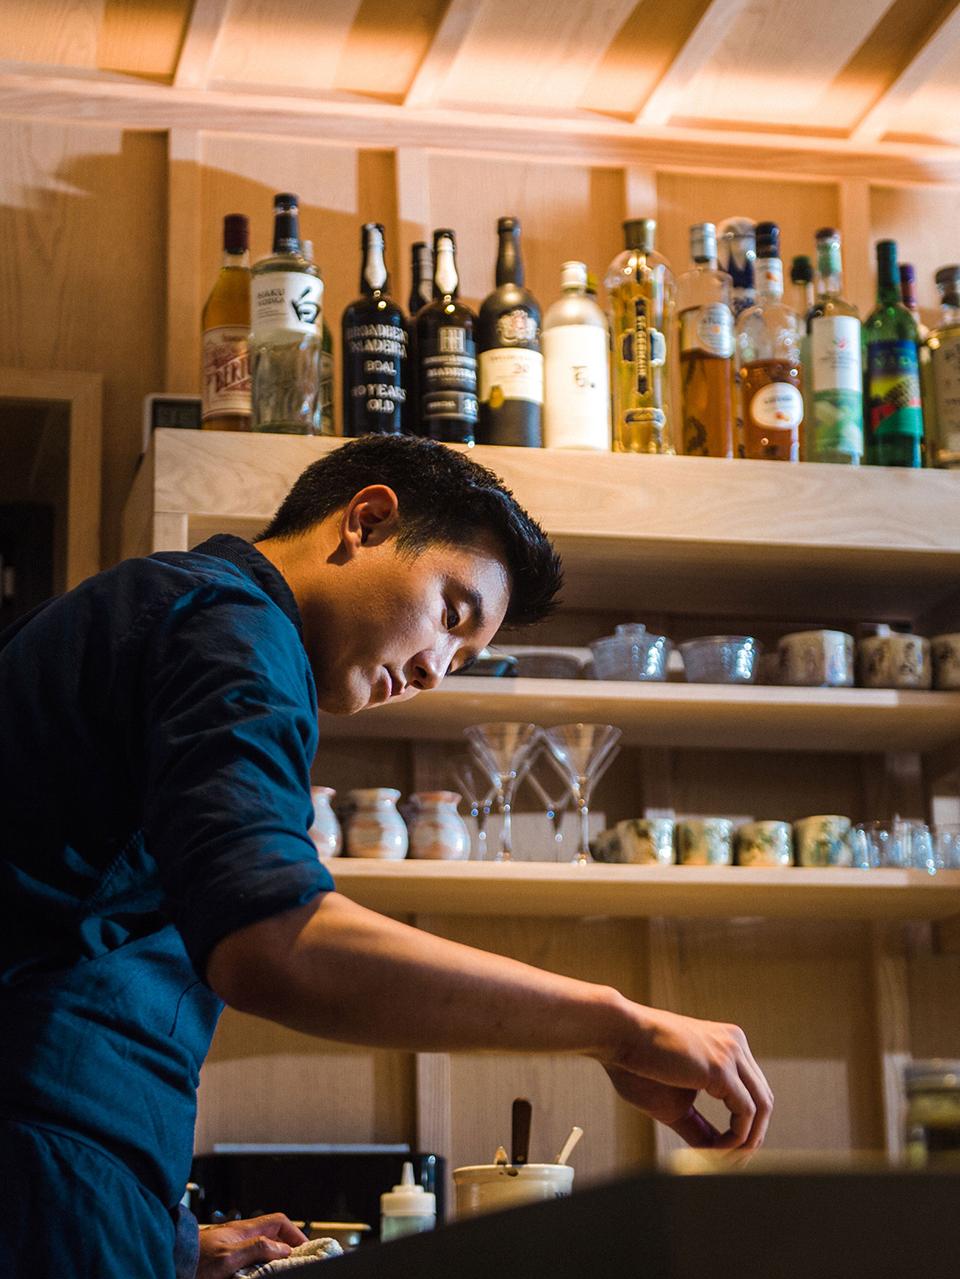 Head chef Ki Chung preparing a dish